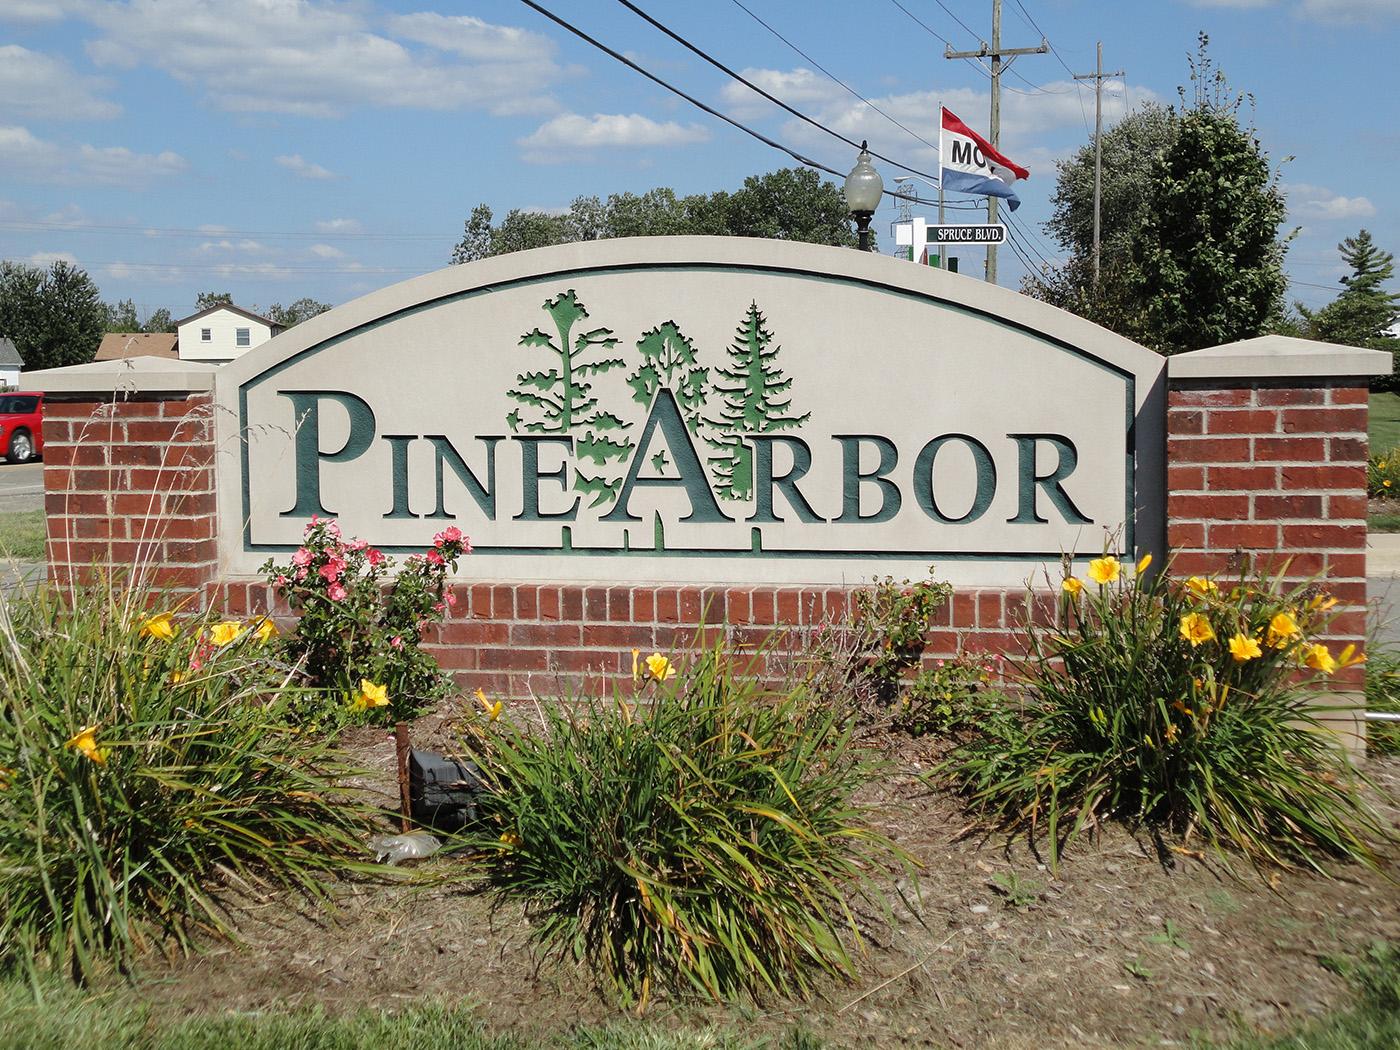 pine arbor